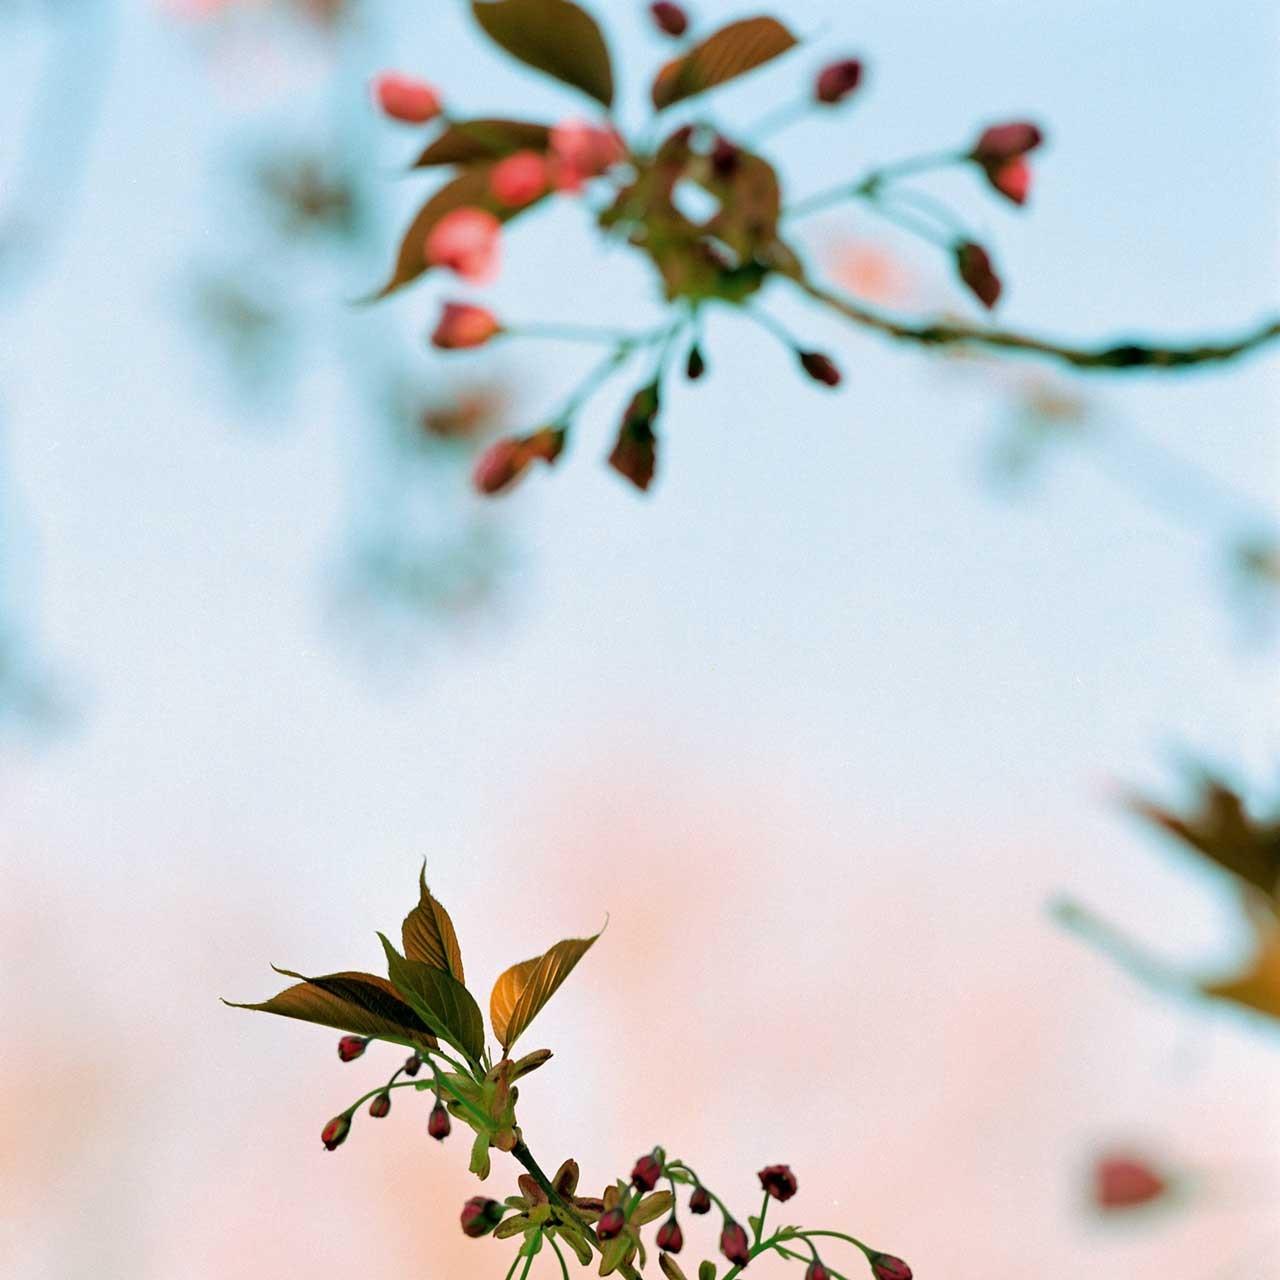 Laure-Maud_17_photographe_jardin-cerisier-japonais-1